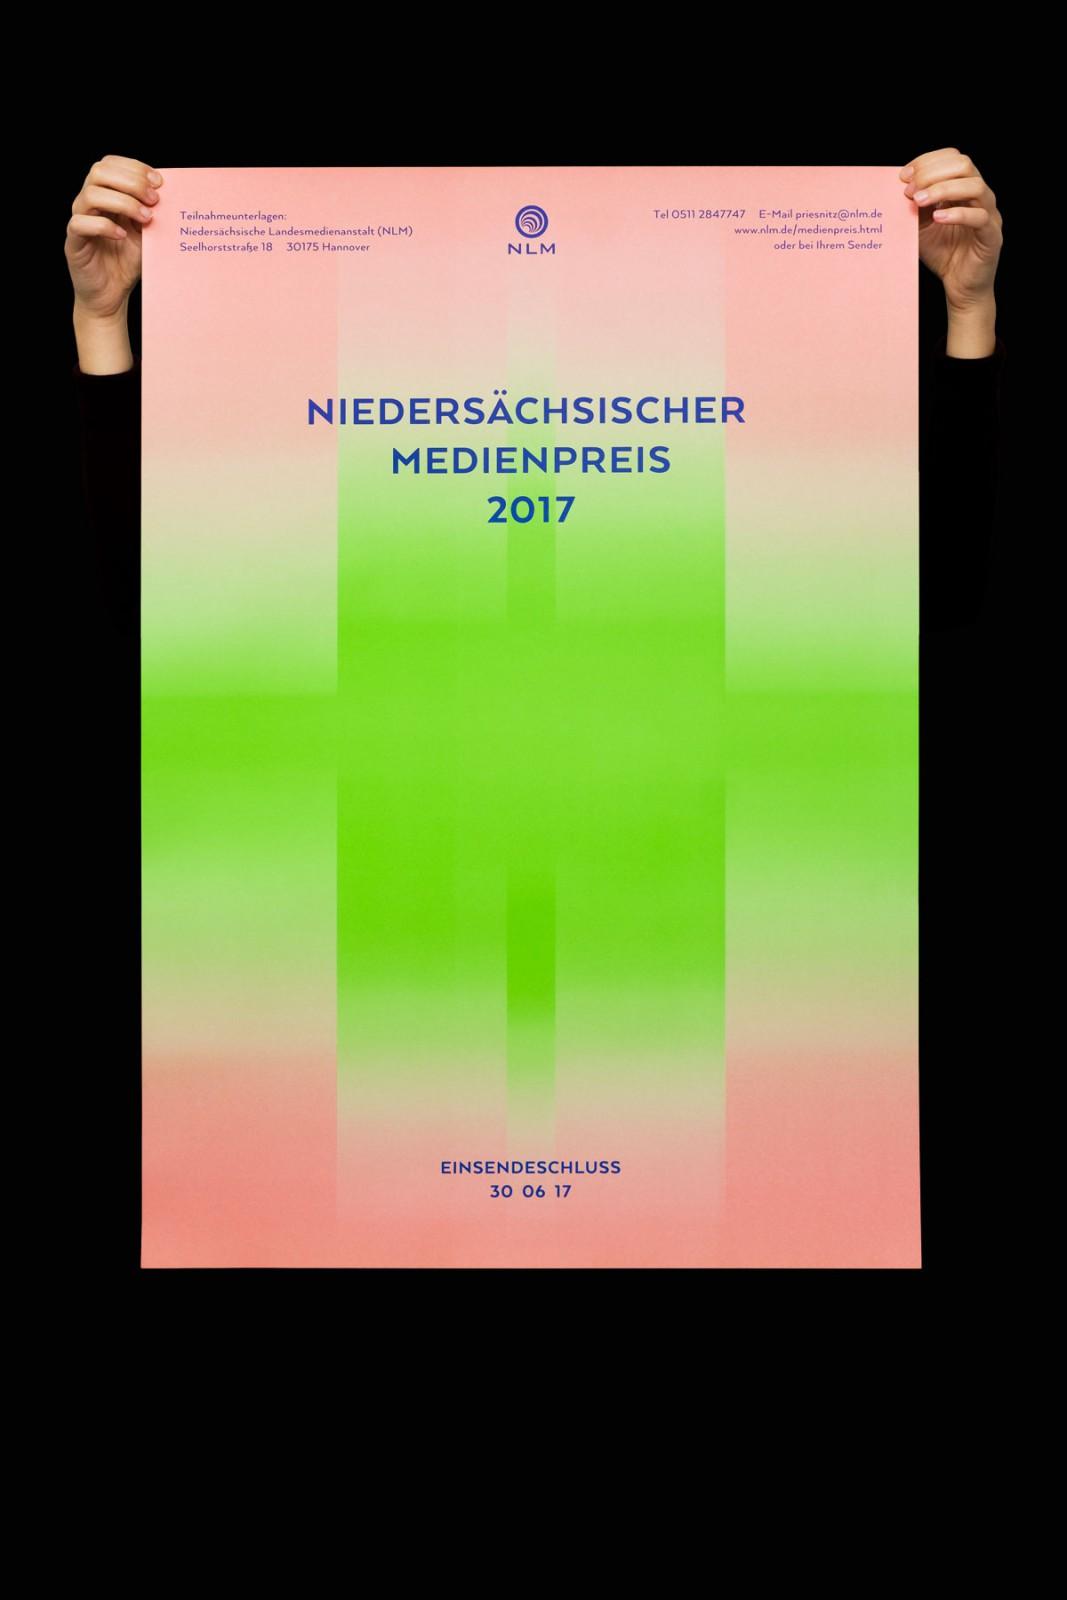 Niedersächsischer Medienpreis 2017